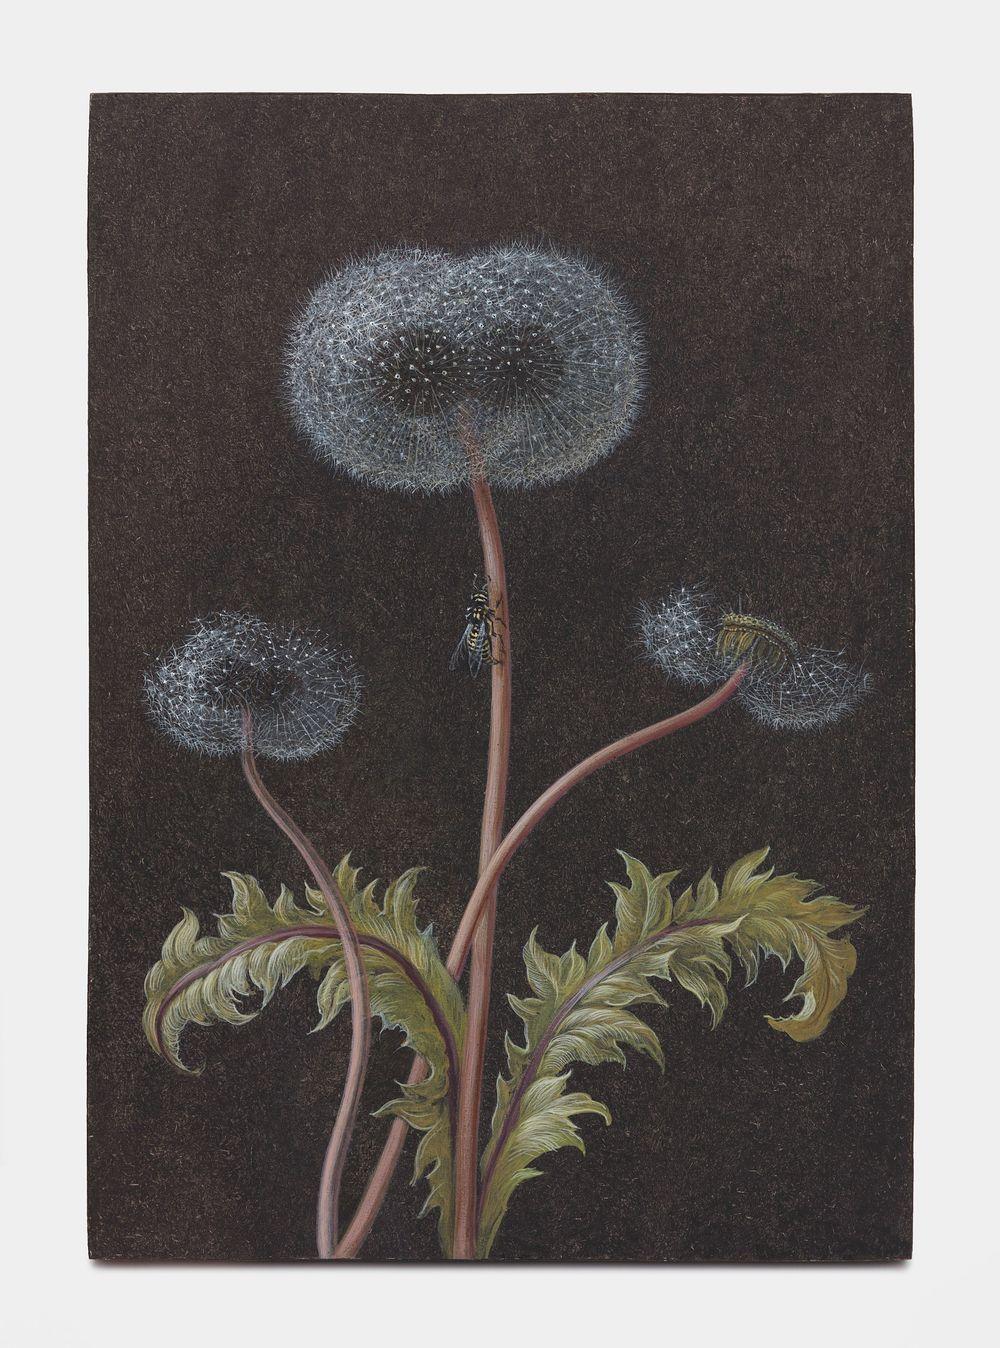 Artist:Laurent GRASSO, Exhibition:Future Herbarium